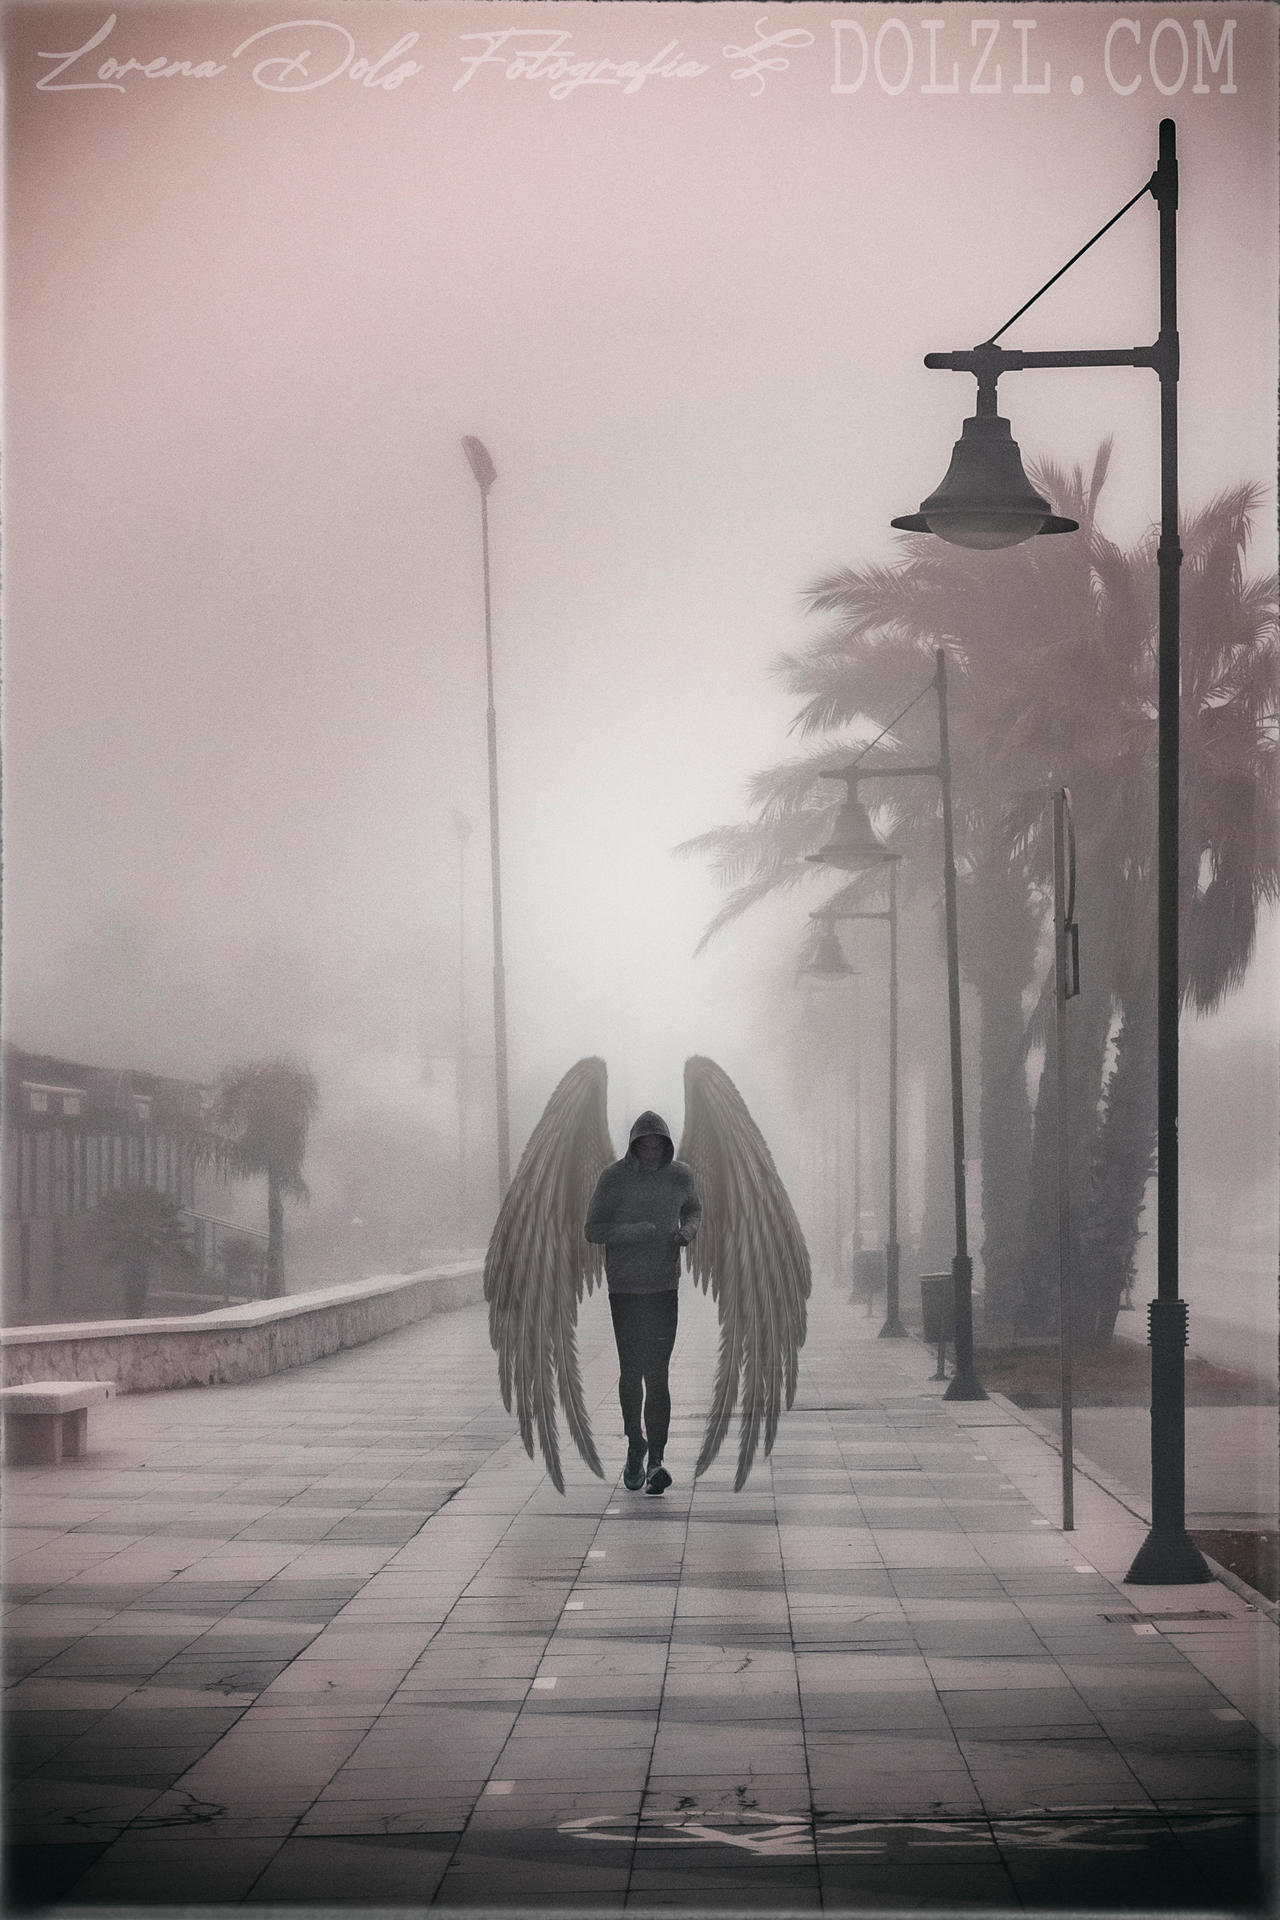 Lorena Dolzl.com ngel Corriendo en la niebla sig